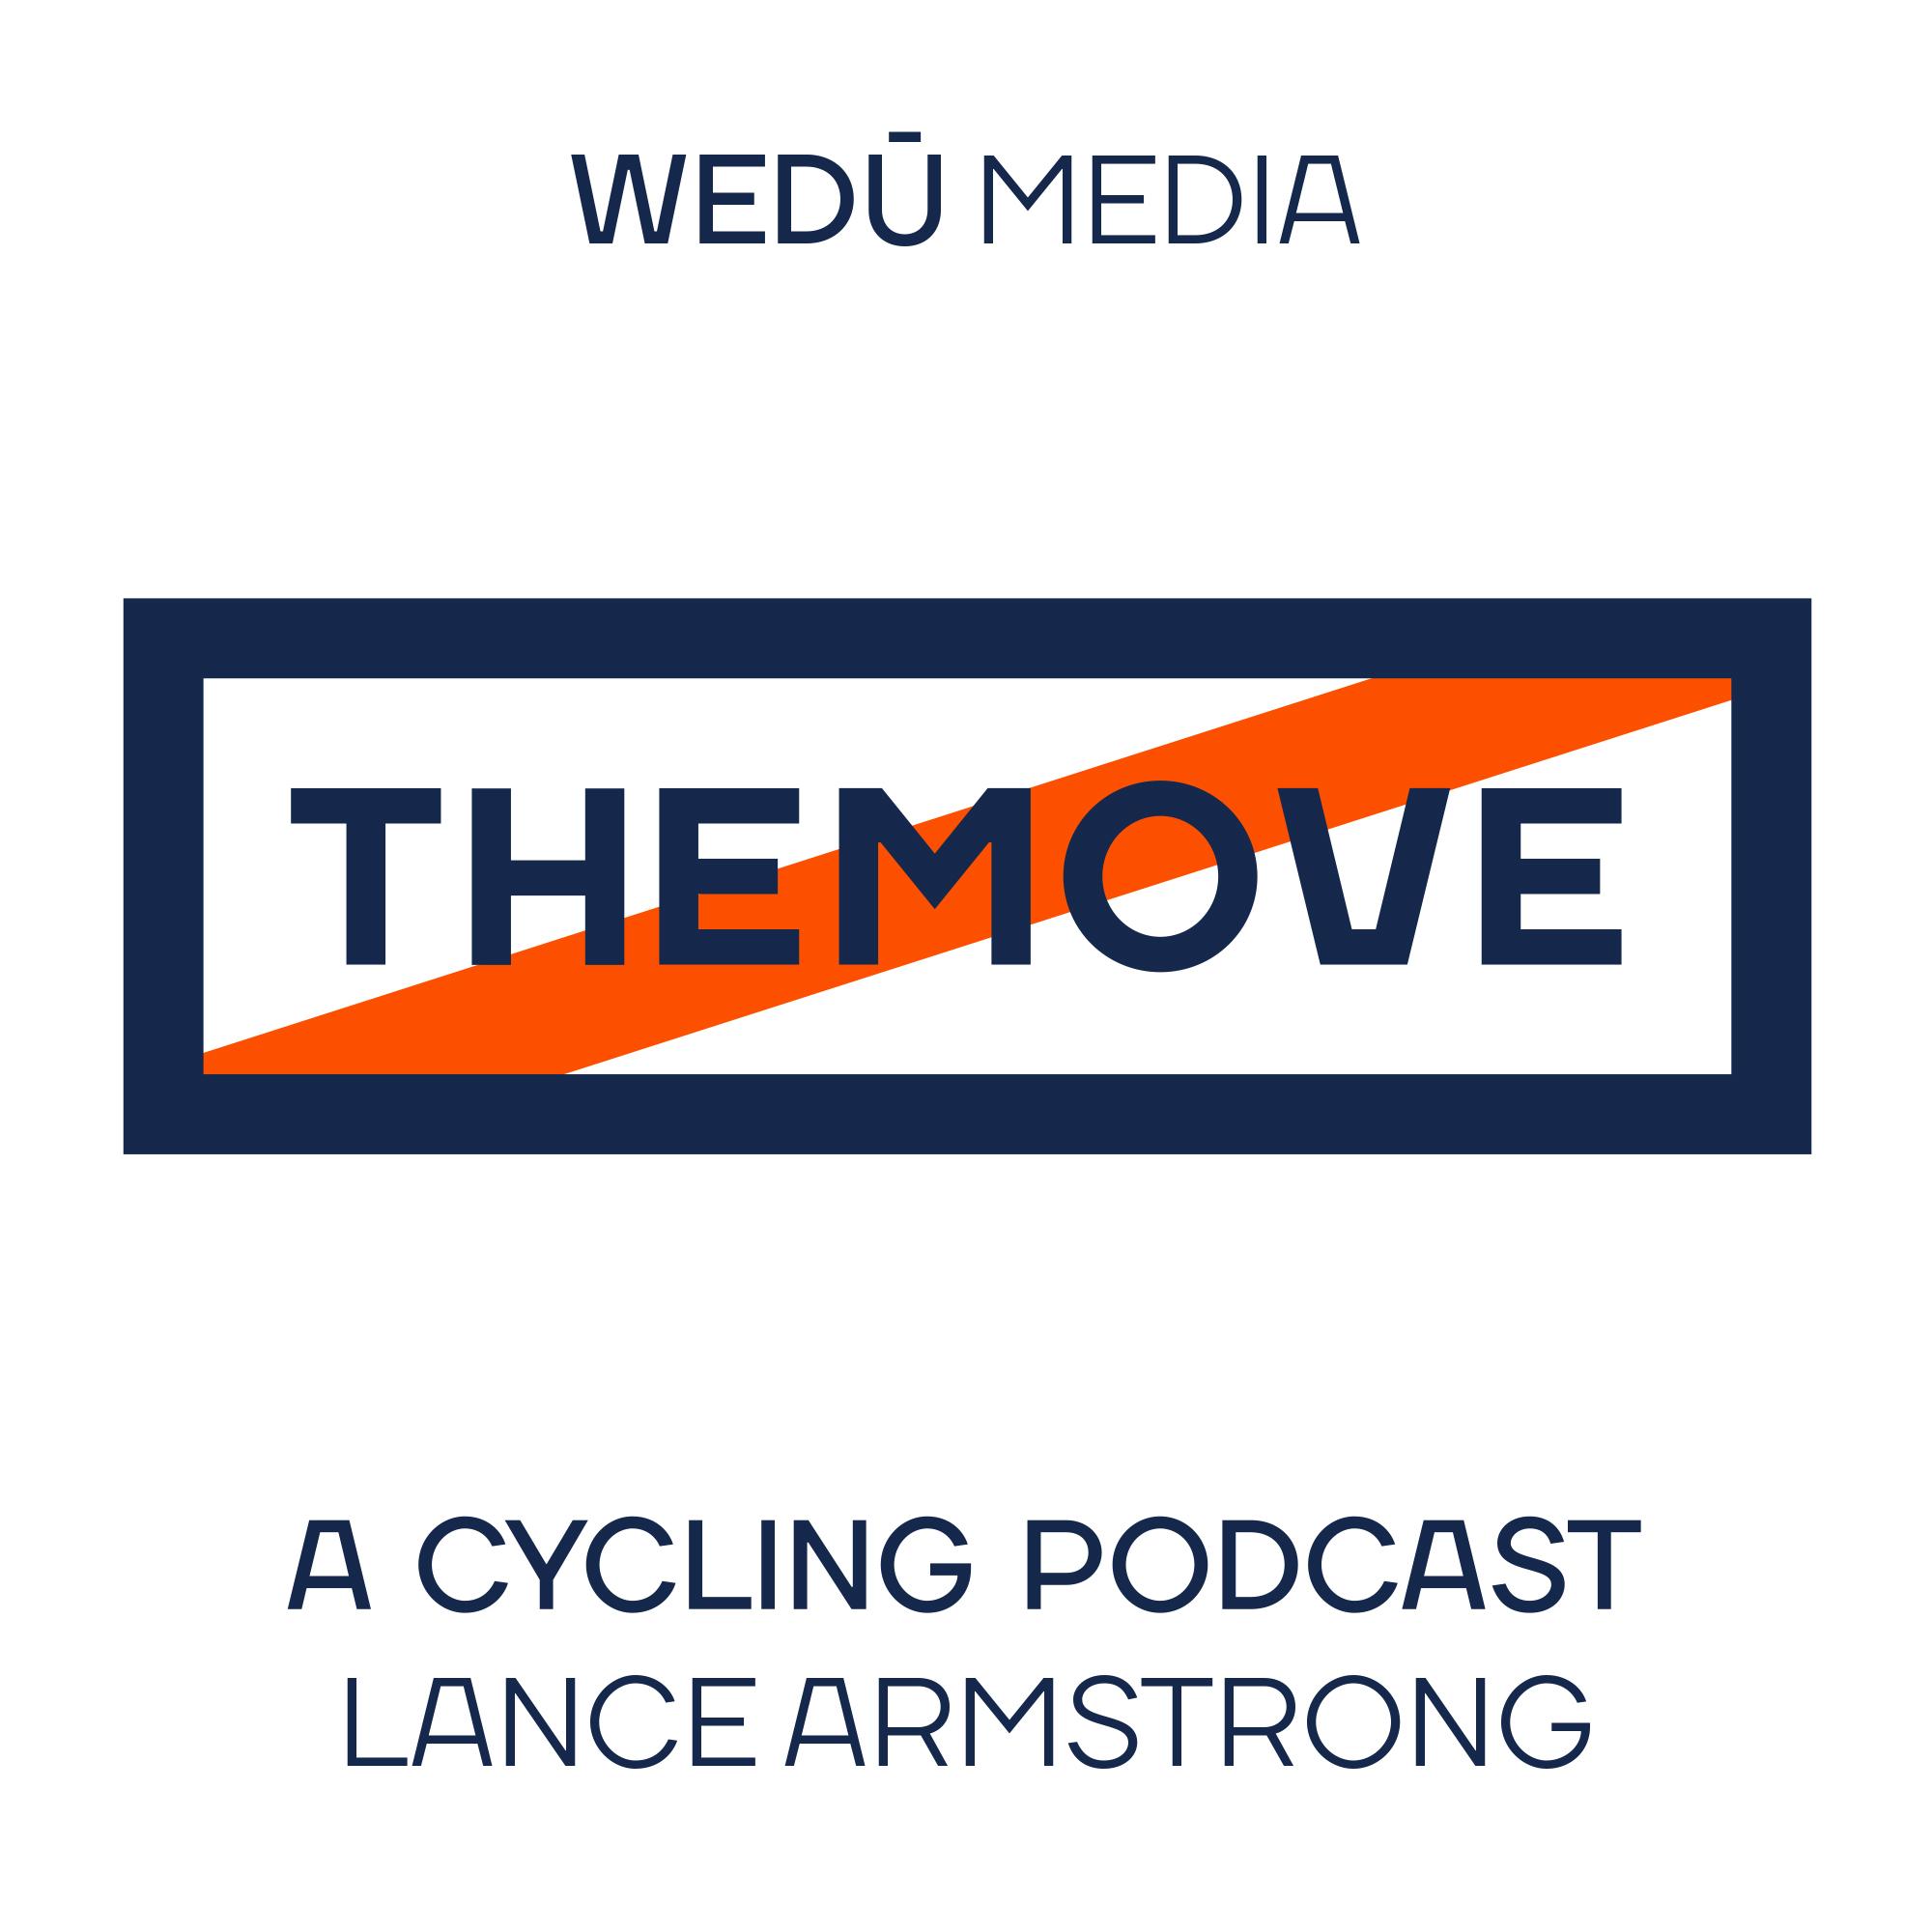 THEMOVE Lance Armstrong